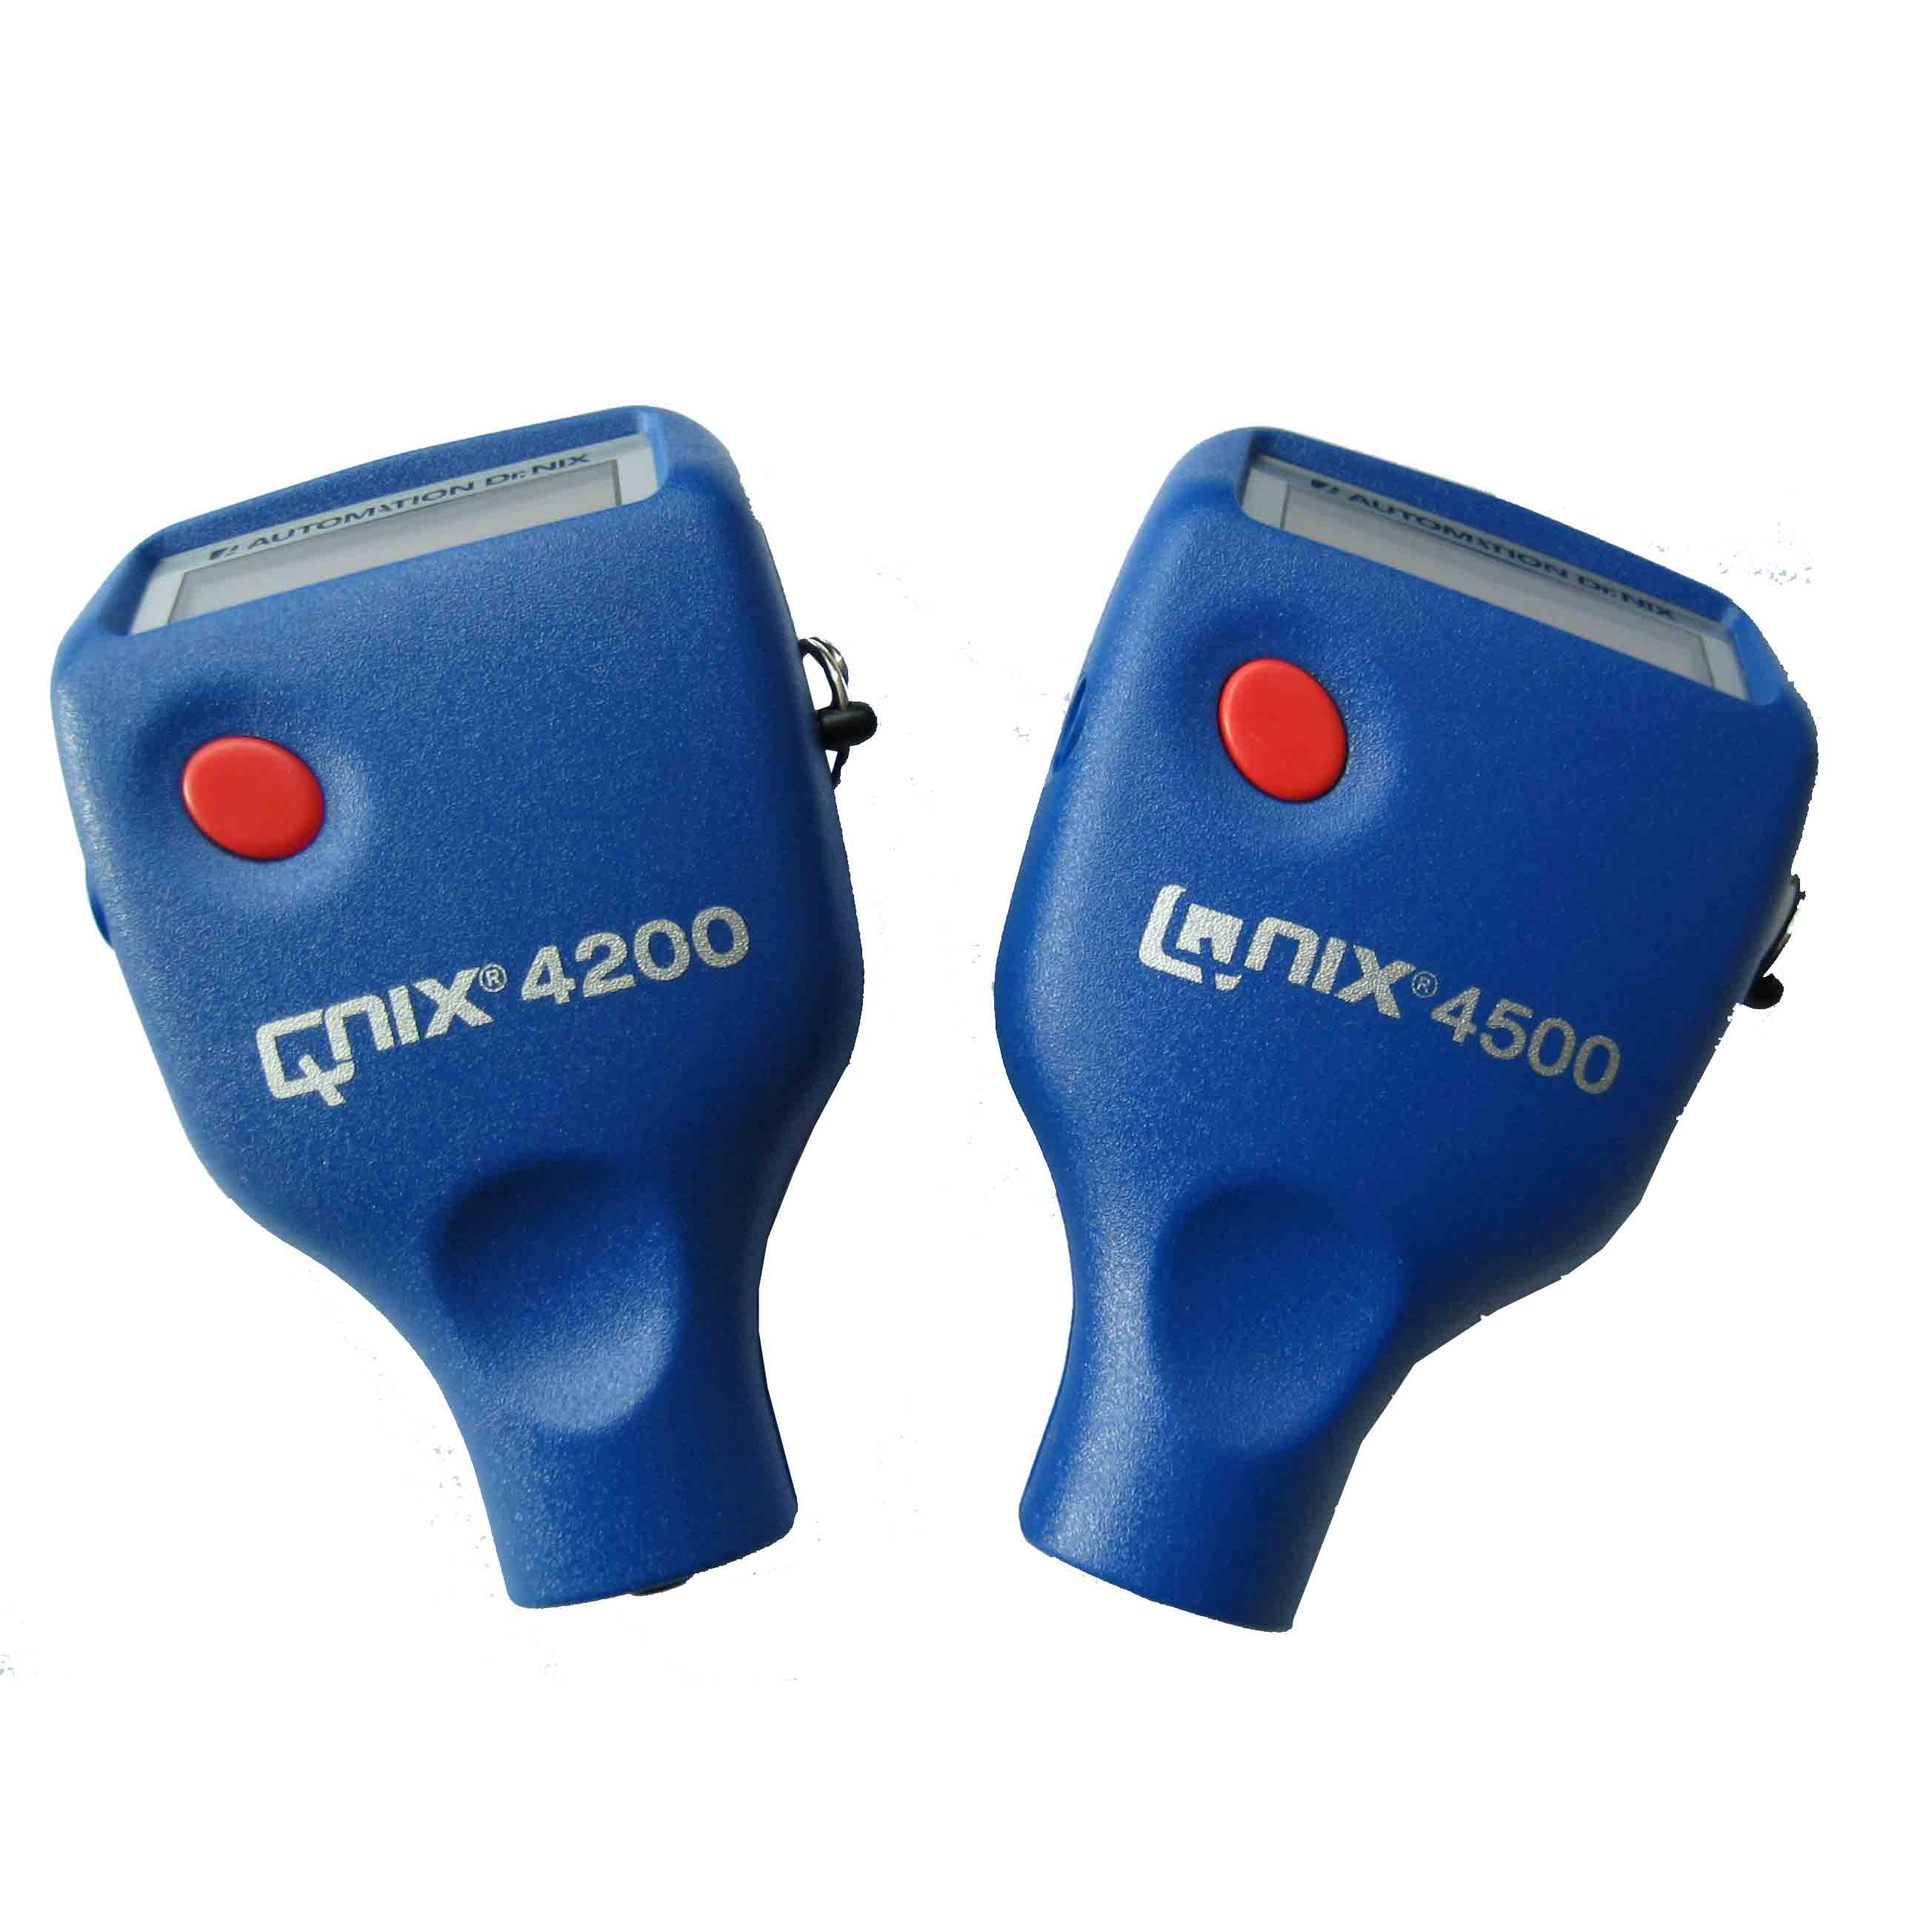 German Knicks QNix4500 Máy đo độ dày lớp phủ